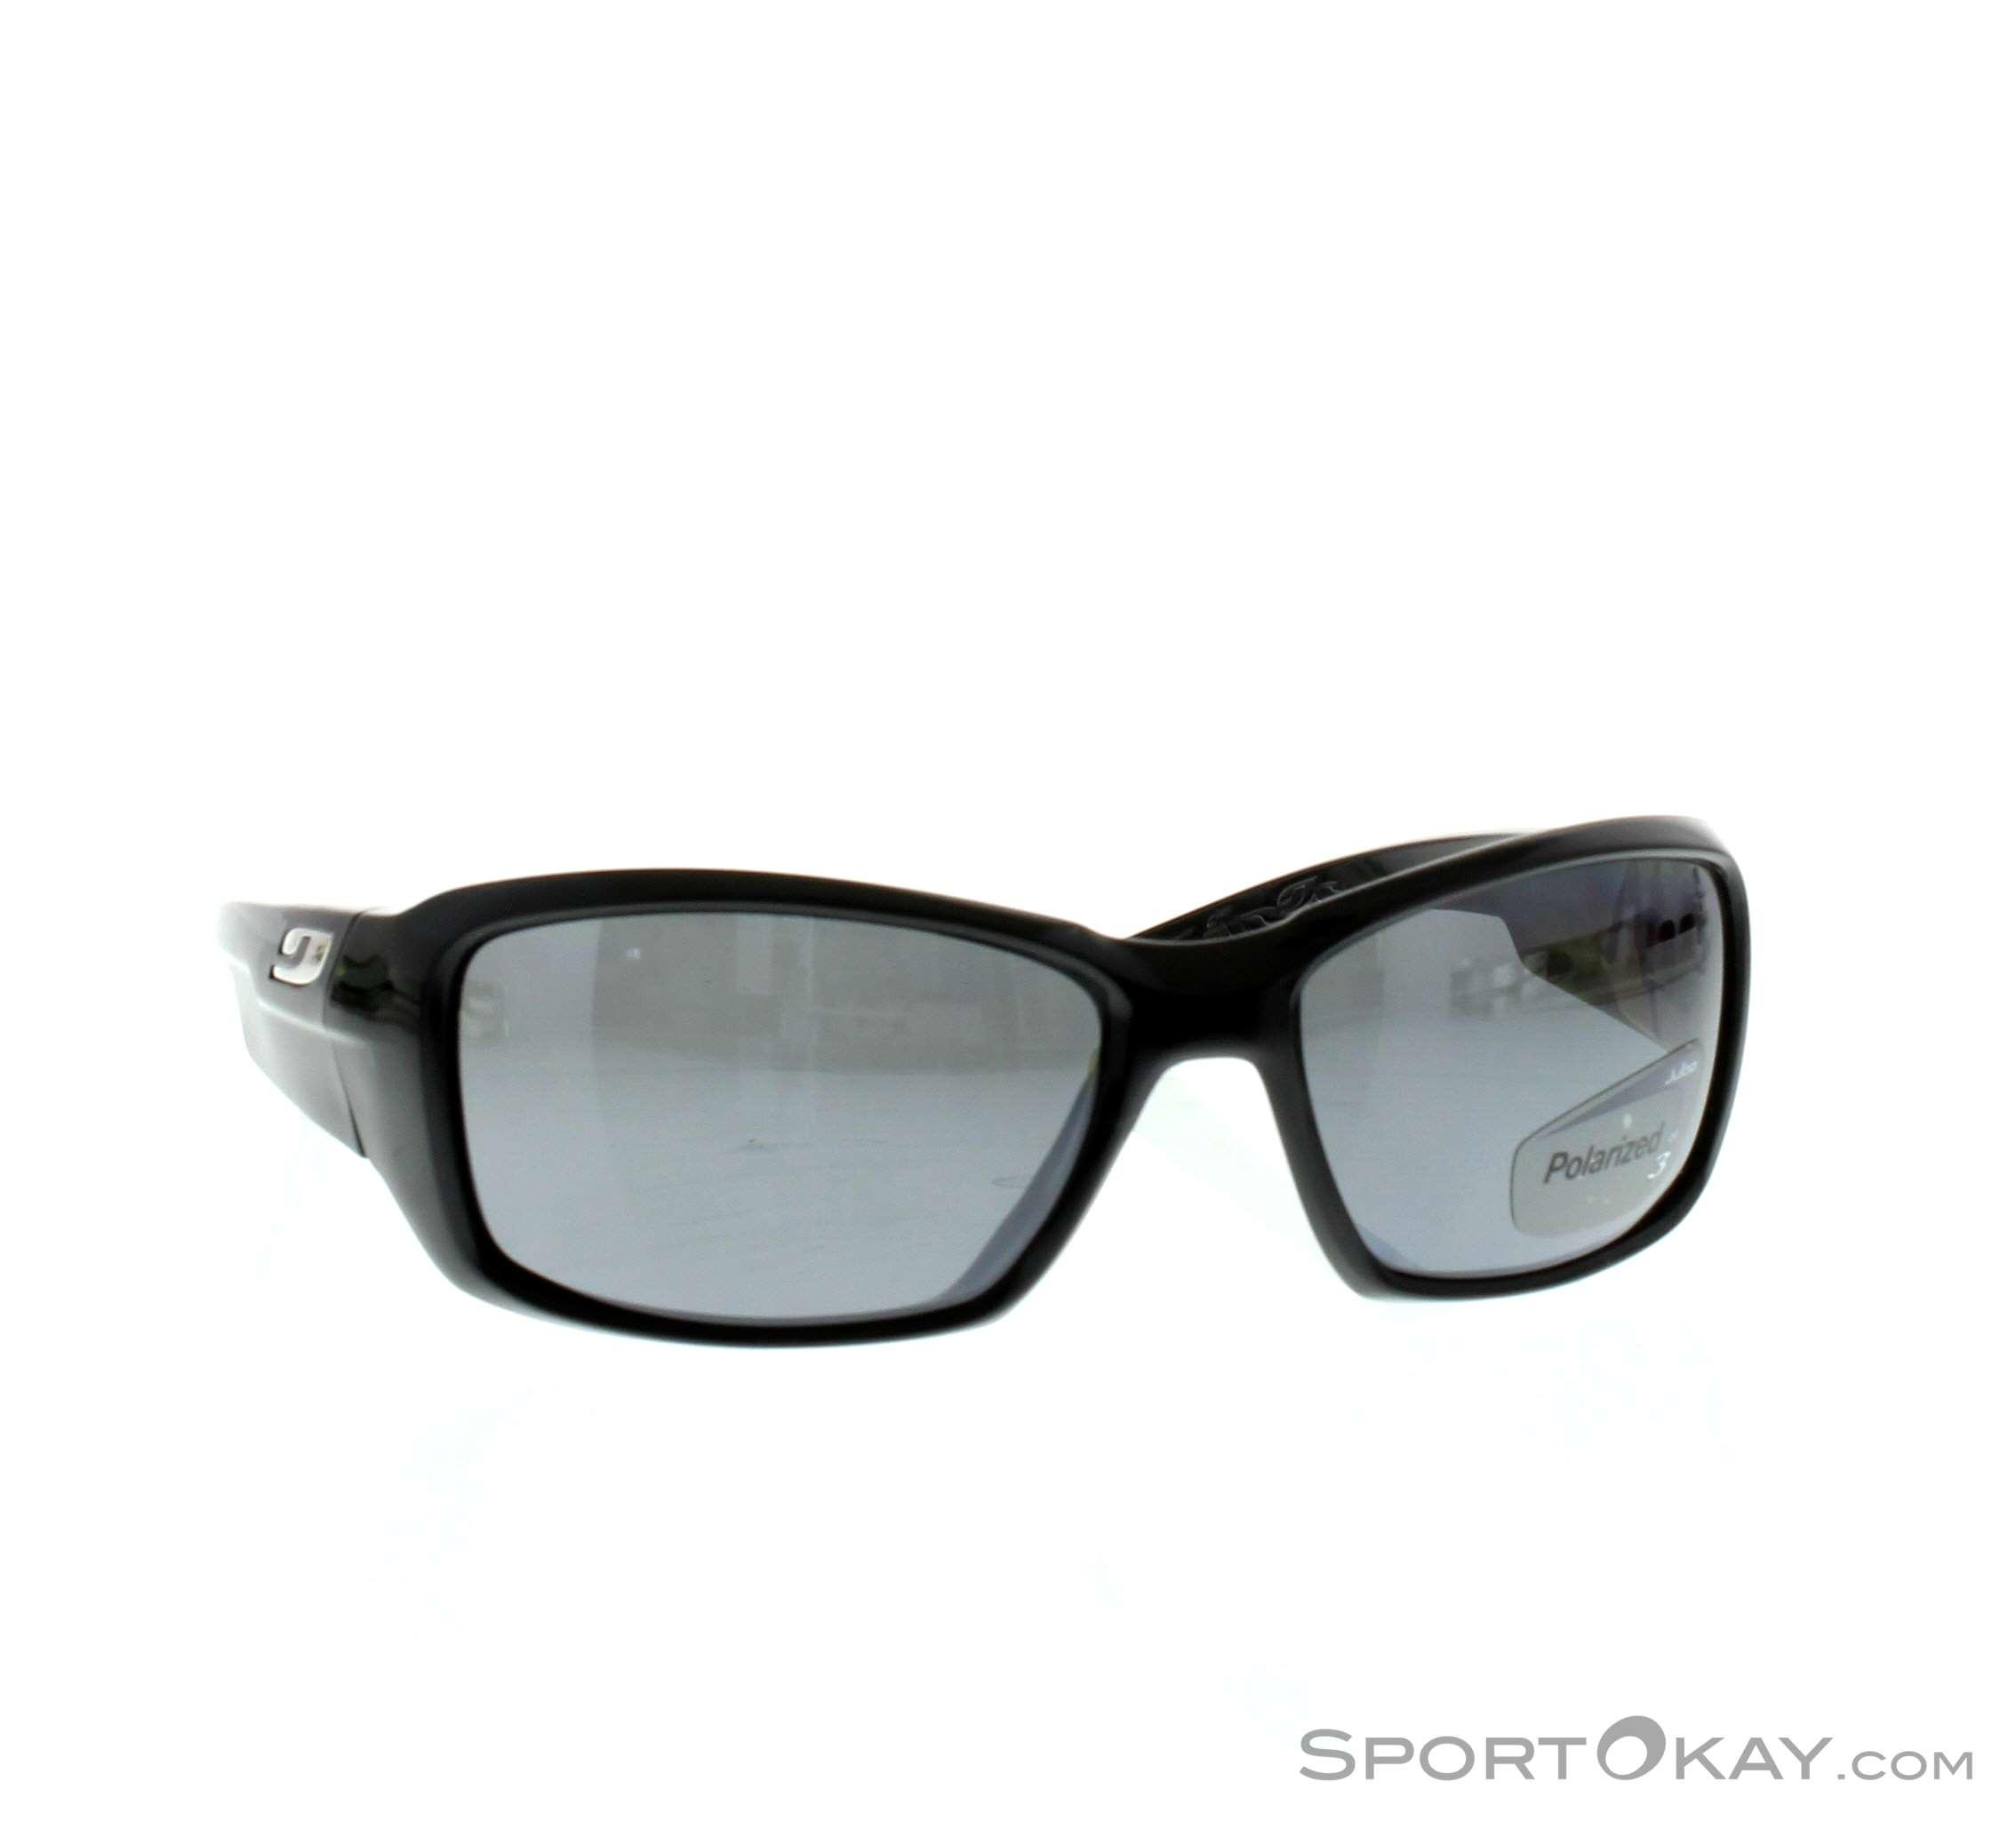 Polarisierten Sonnenbrillen,N1